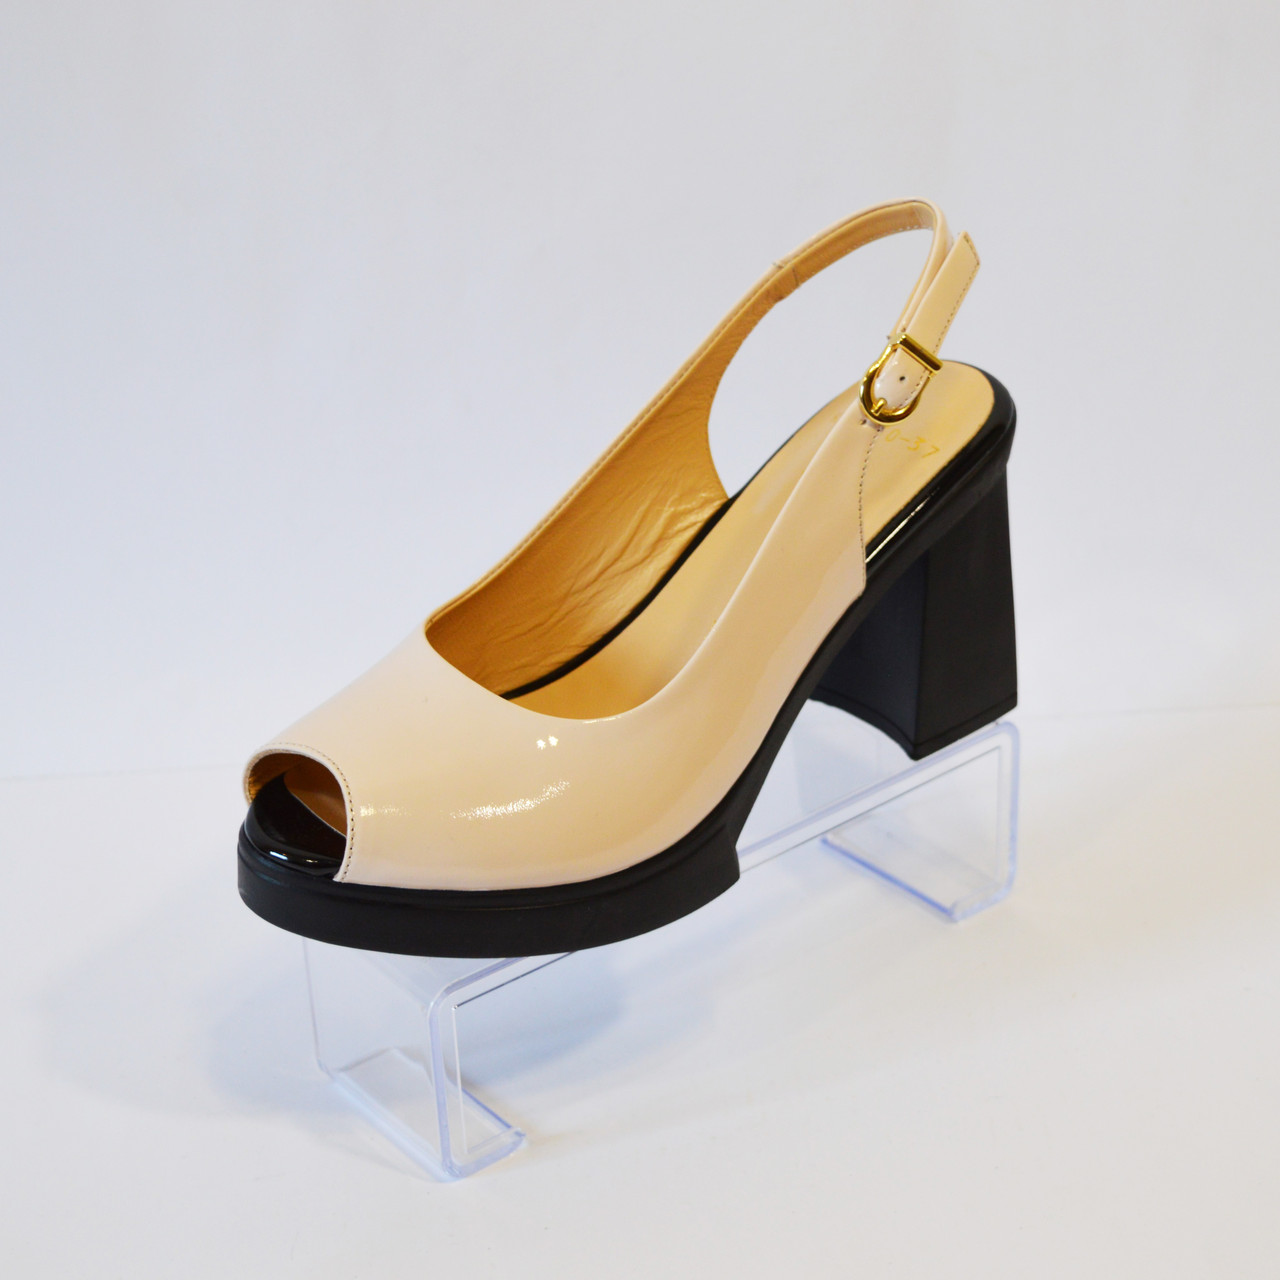 Босоножки женские пудра на каблуке Lottini 3050